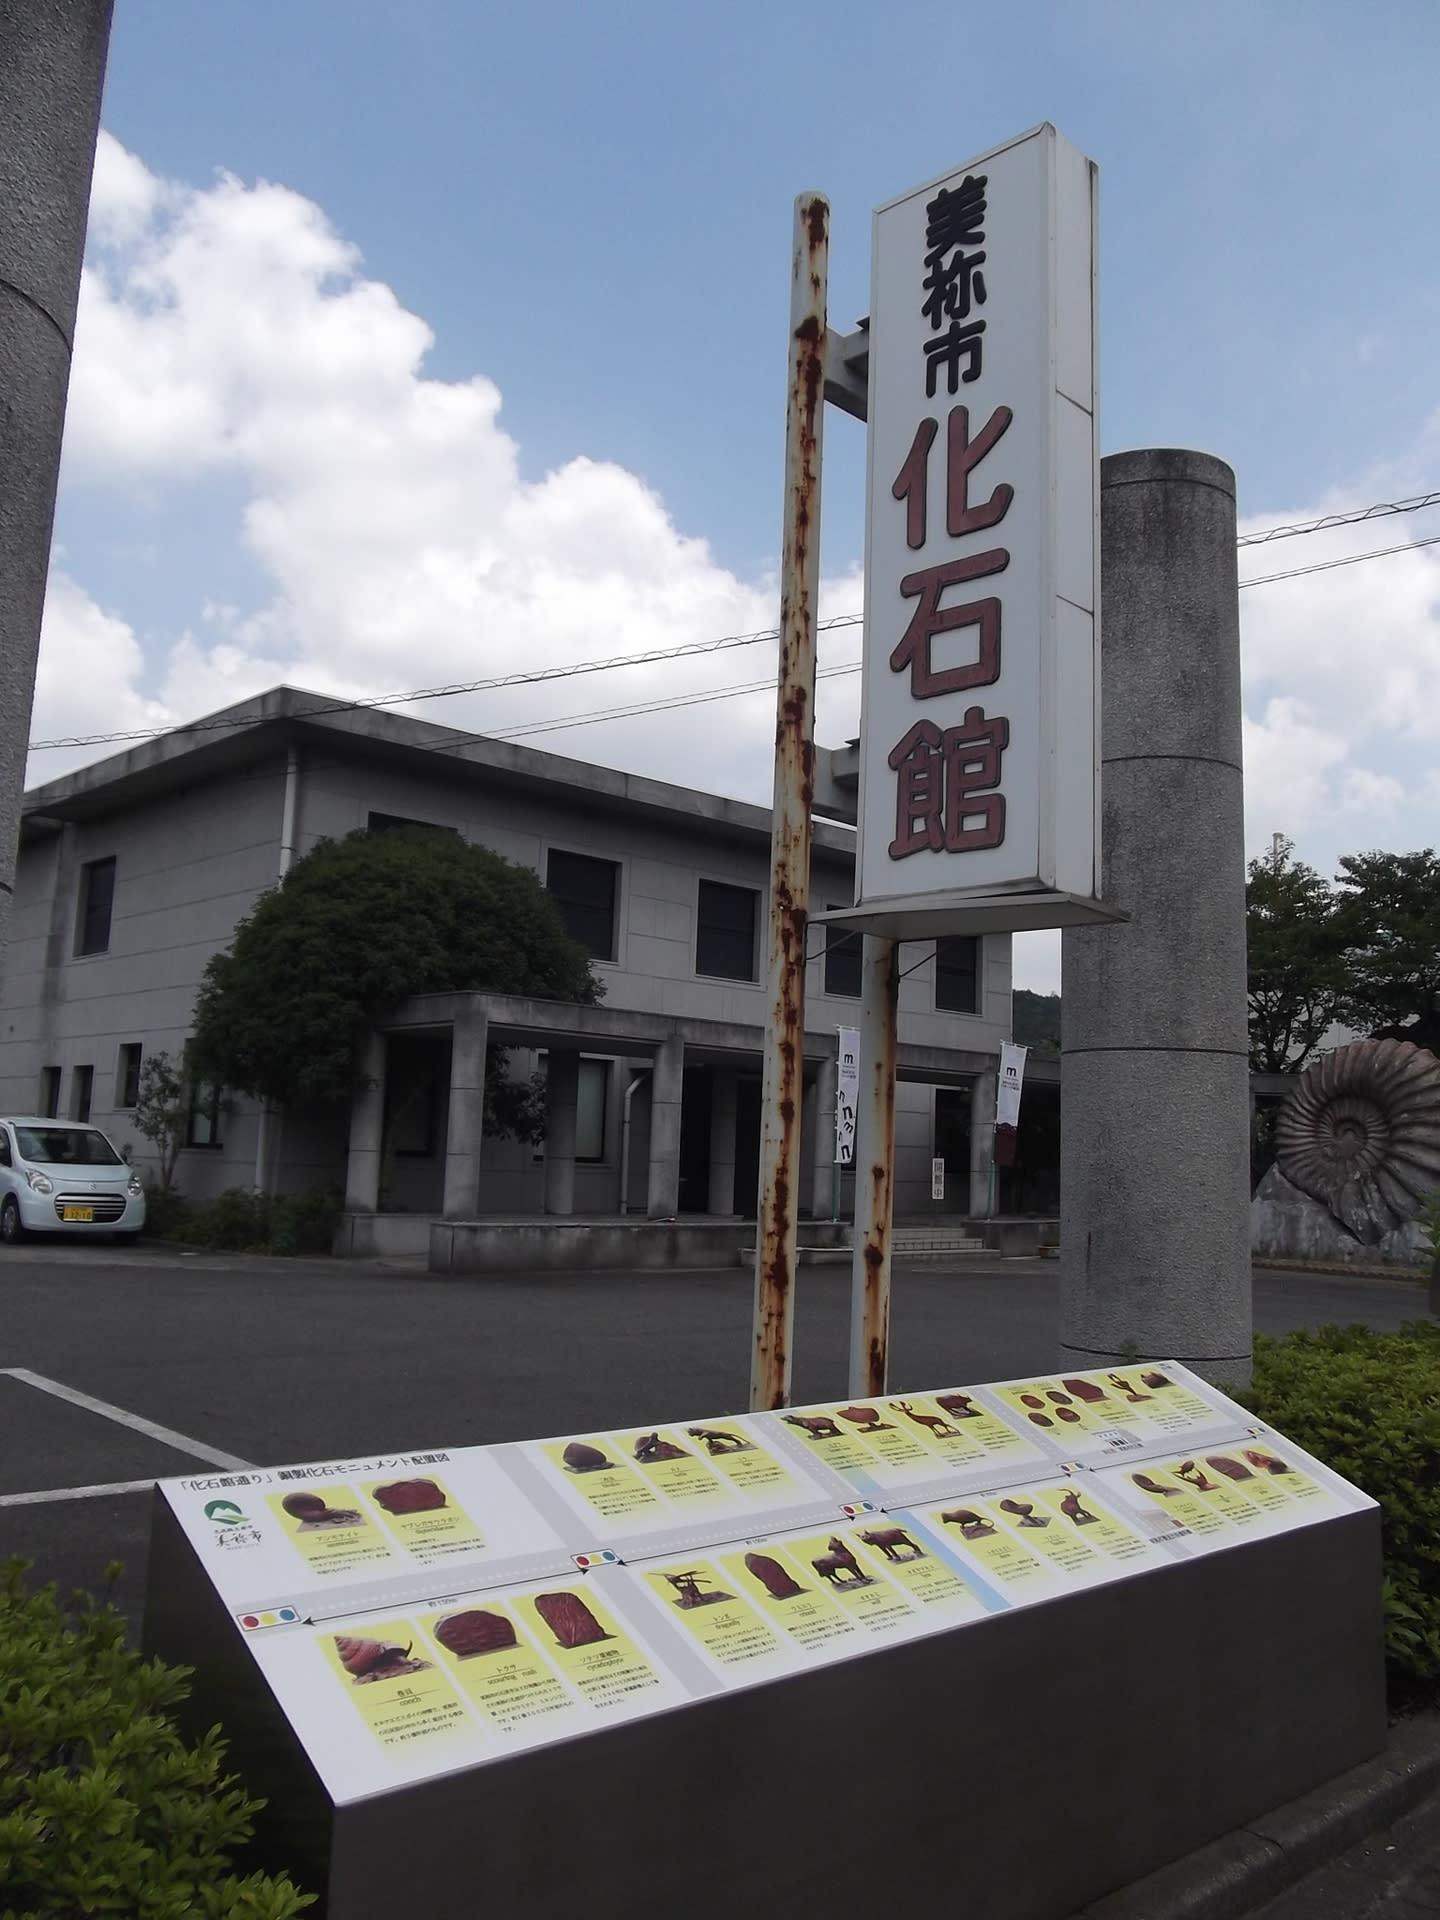 美祢市化石館 - 文理両道